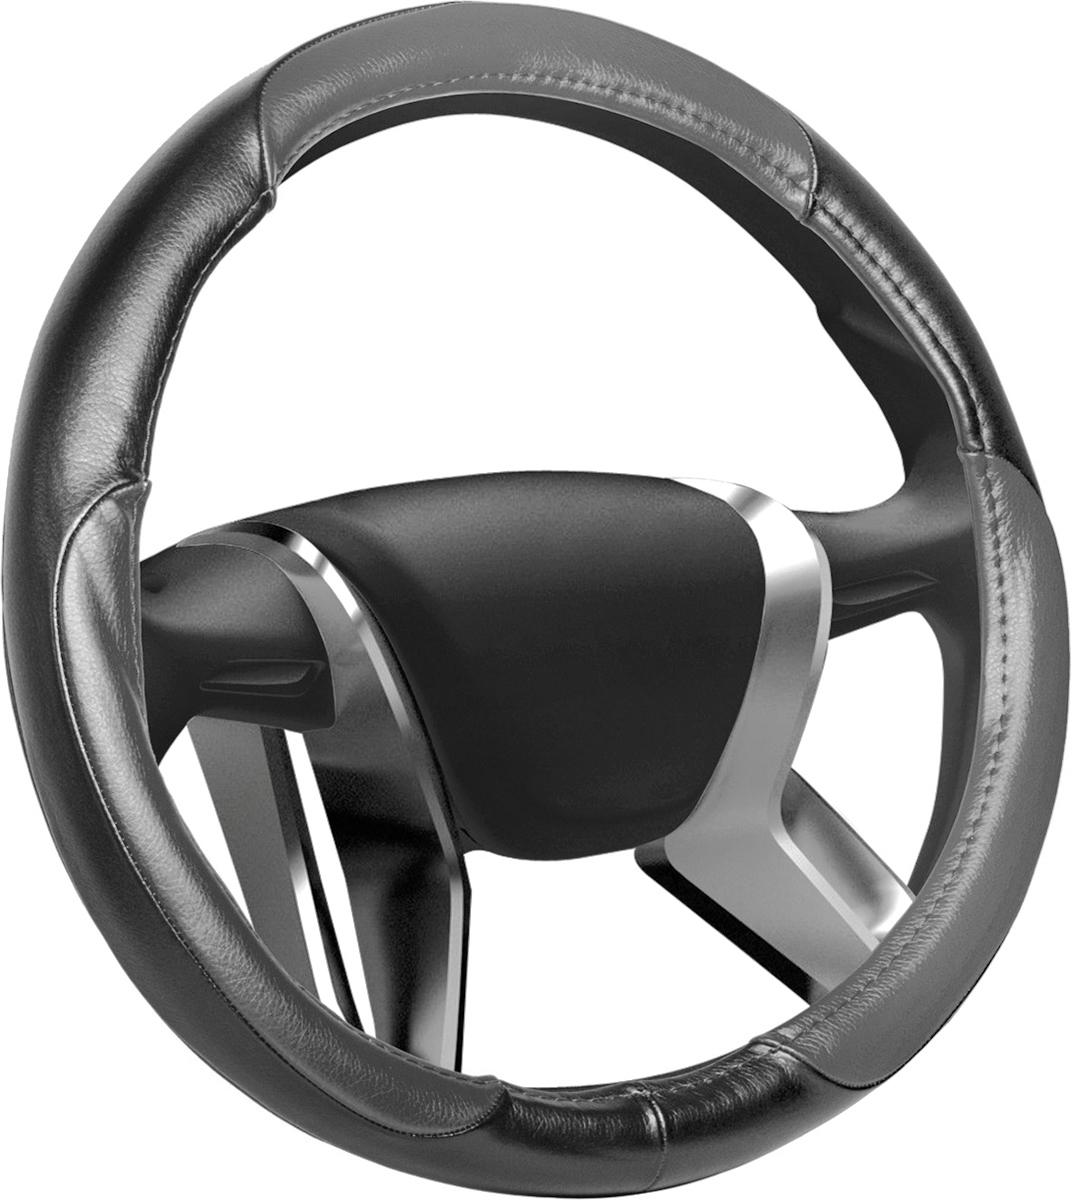 Оплетка на руль Azard Leather, цвет: серый, диаметр 38 см. Размер М handle cpr azard vaz 2110 12 frame нат leather silver kpp00067